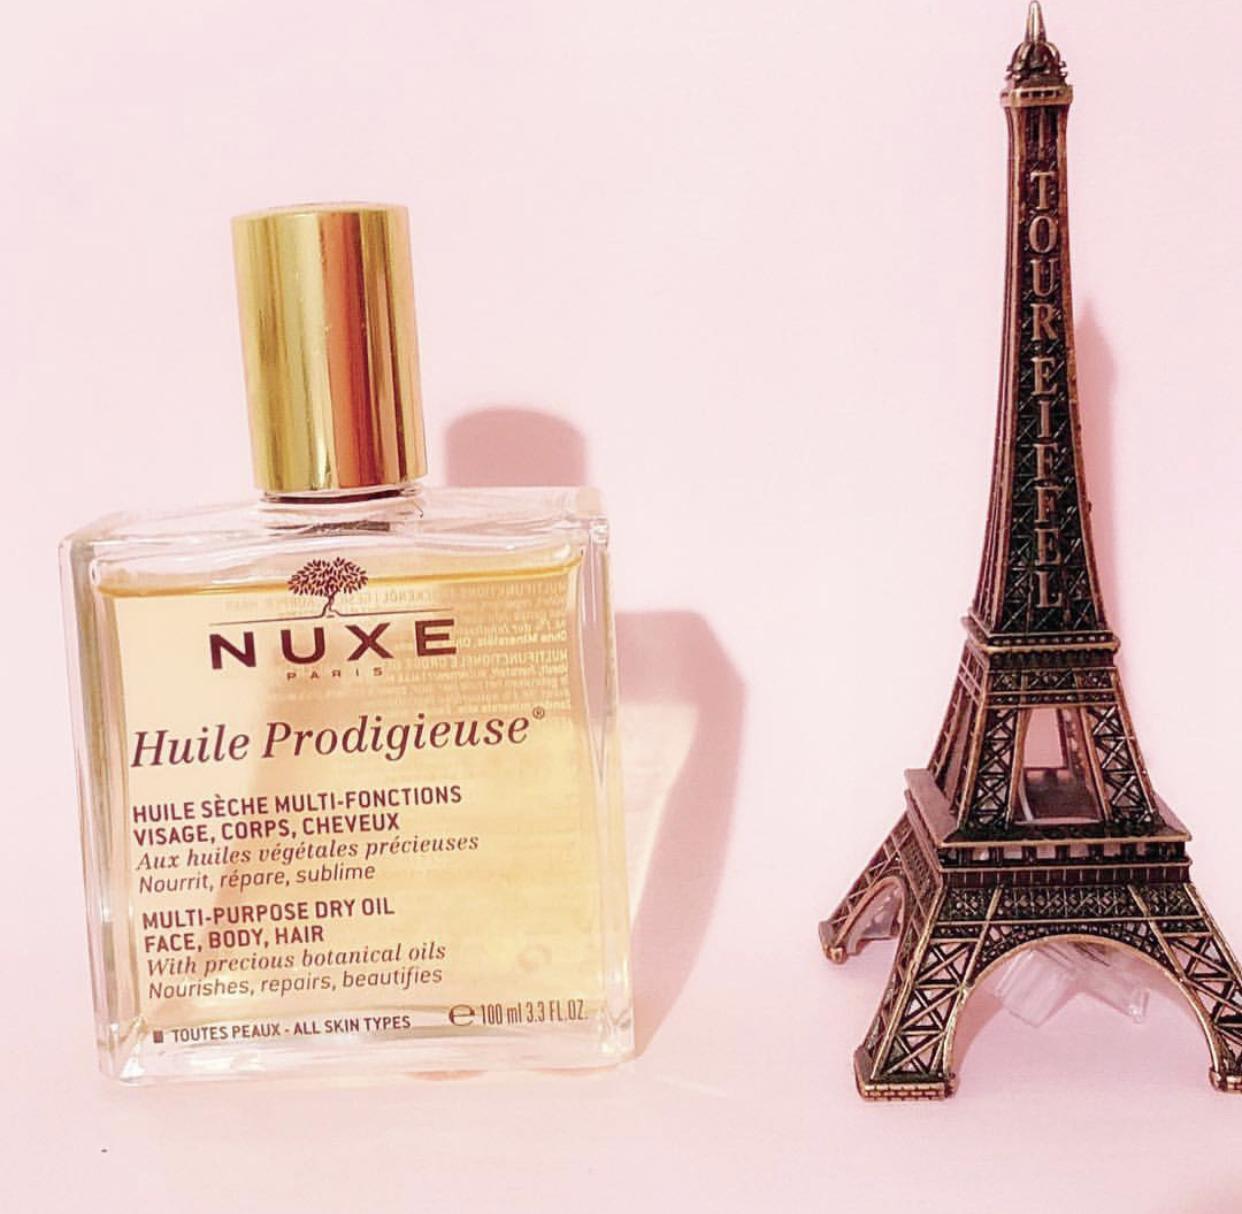 nuxe paris, nuxe, nuxe huile prodigieuse, nuxe multi purpose dry oil, nuxe oil,